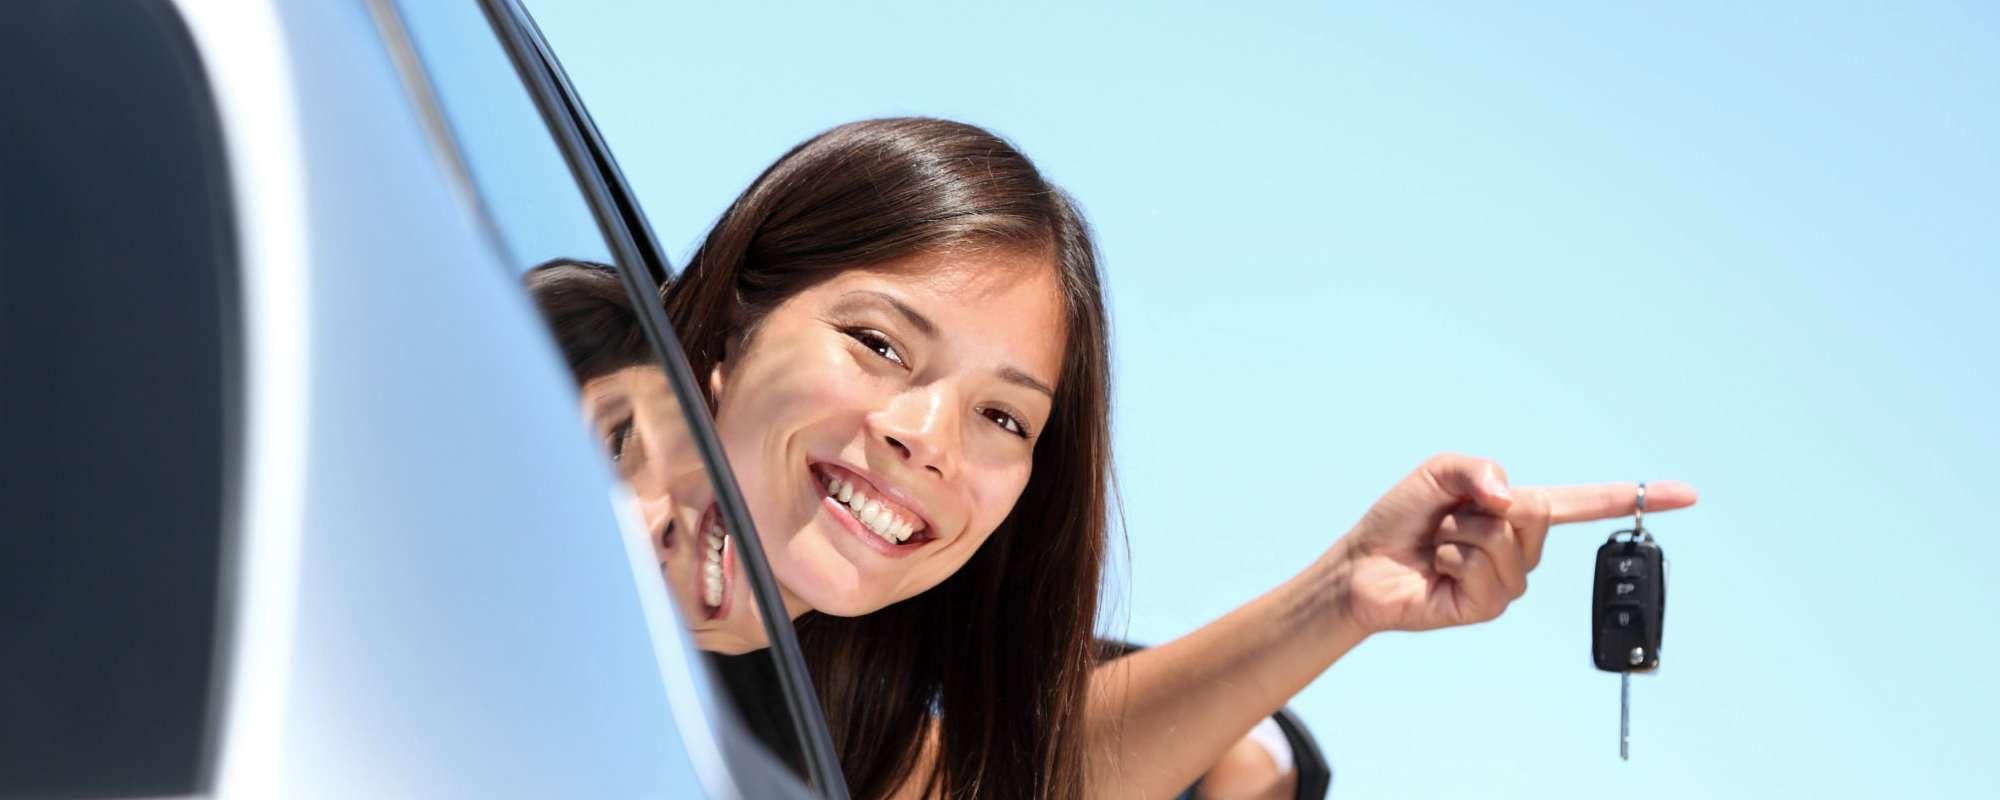 kıbrısta neden araç kiralanmalı Kıbrısta Neden Araç Kiralamak Gerek?